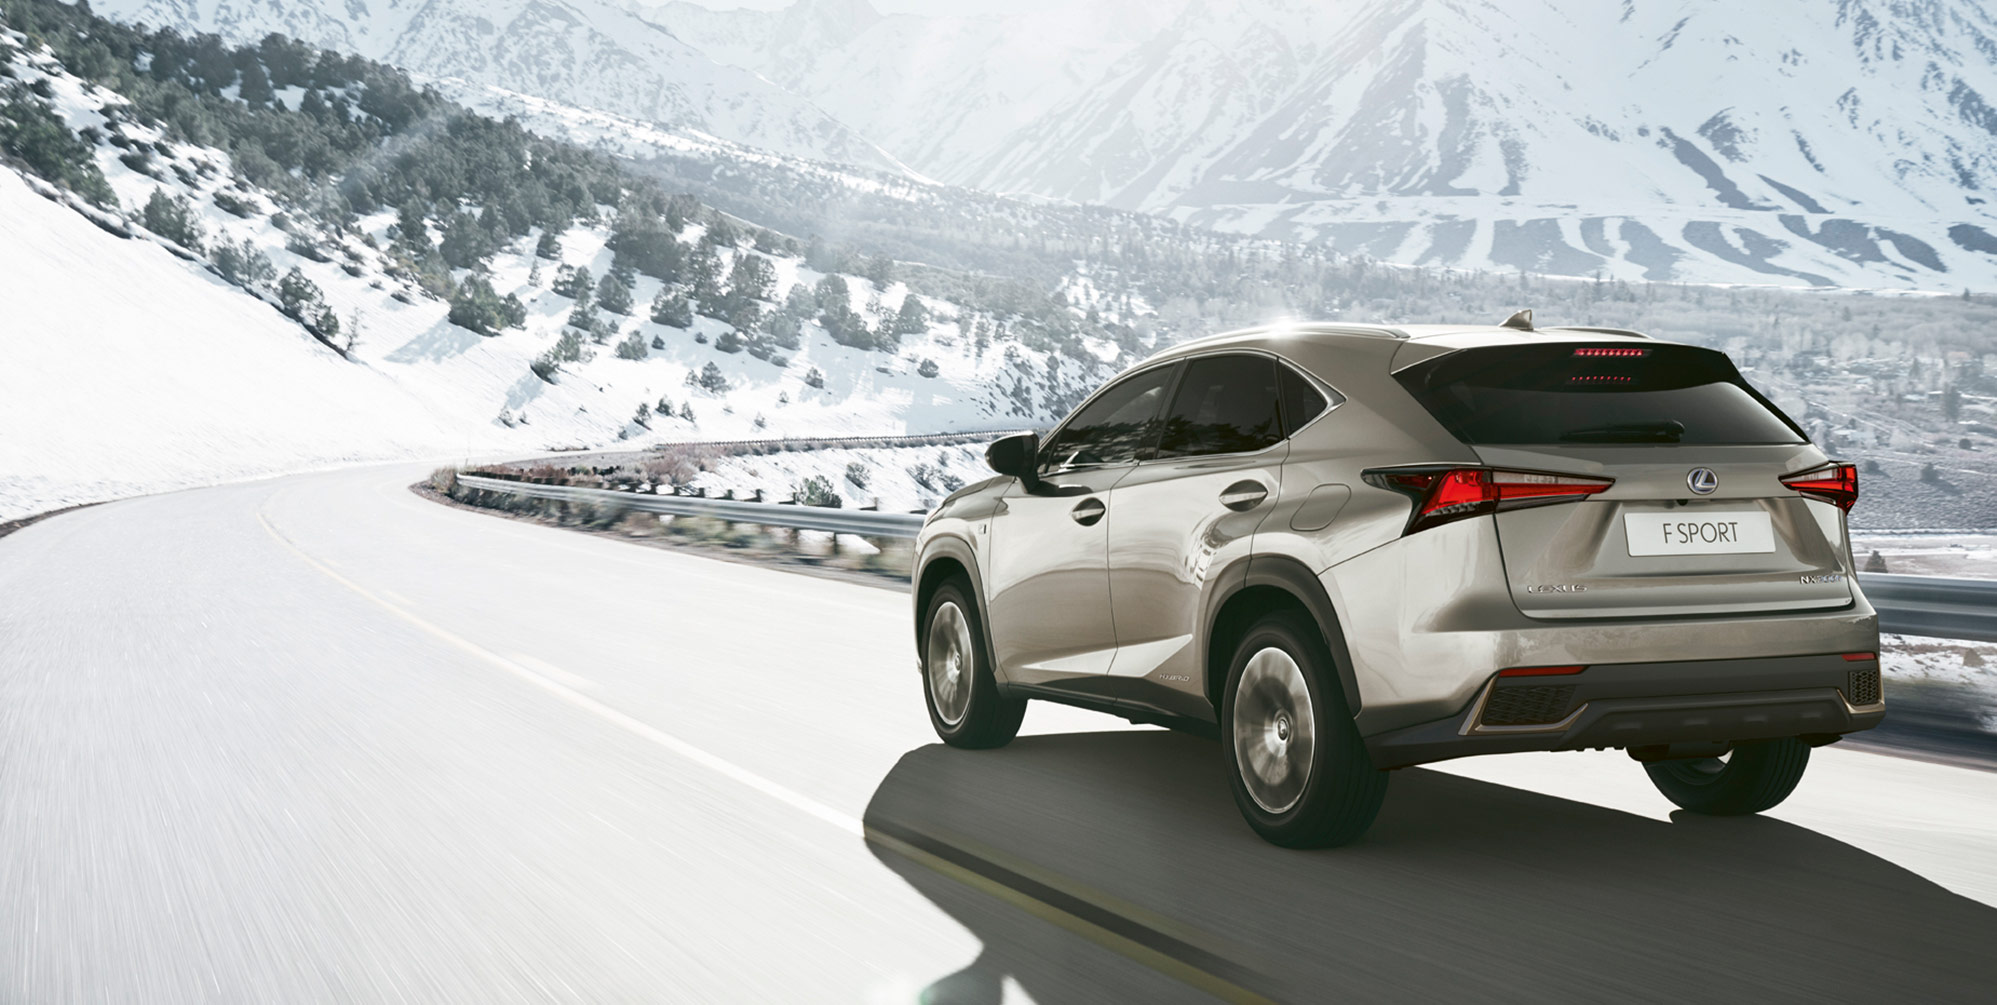 Aracınızı Kışa Hazırlayın Araba Kış Bakımı 1997x1005 01 Image